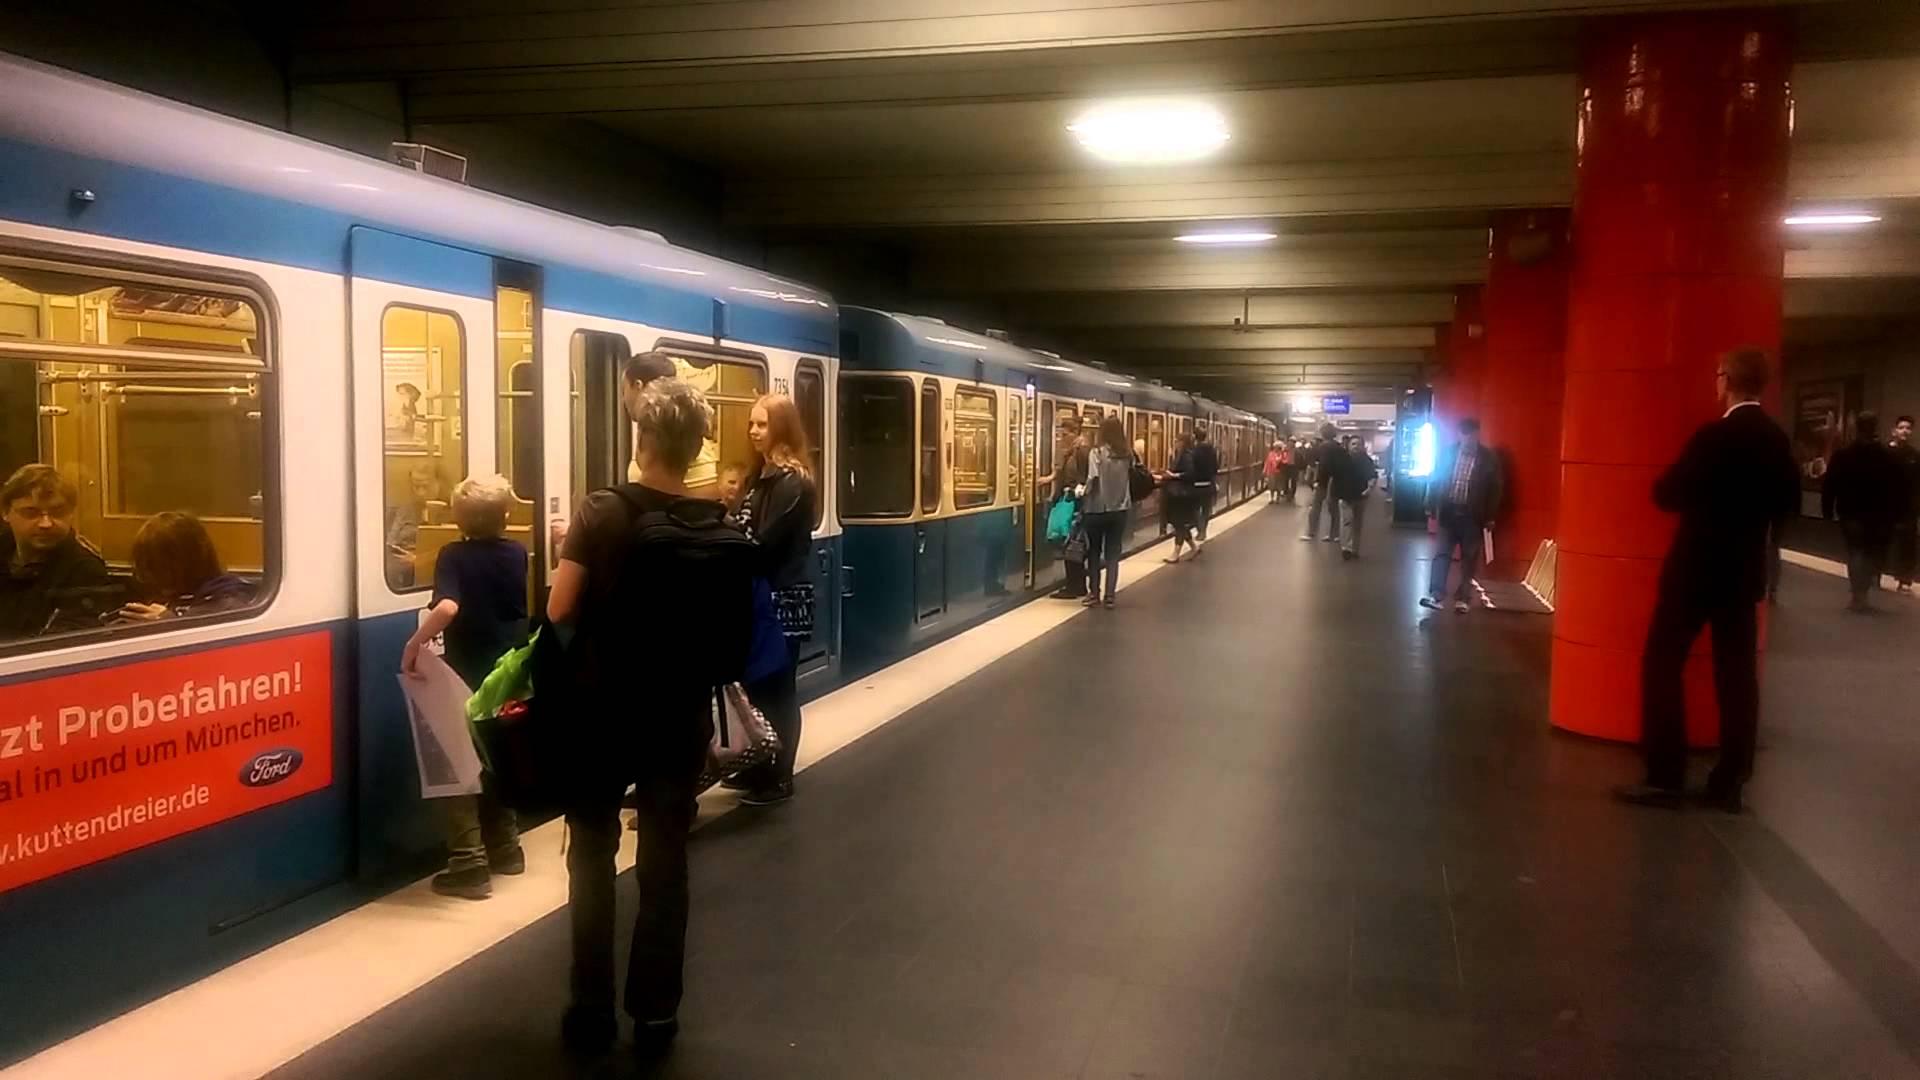 مغربي قاصر حاول سرقة شابة ألمانية بمحطة ميترو الأنفاق بهامبورغ، وعند اكتشافها الأمر ألقى بها فوق سكة الميترو